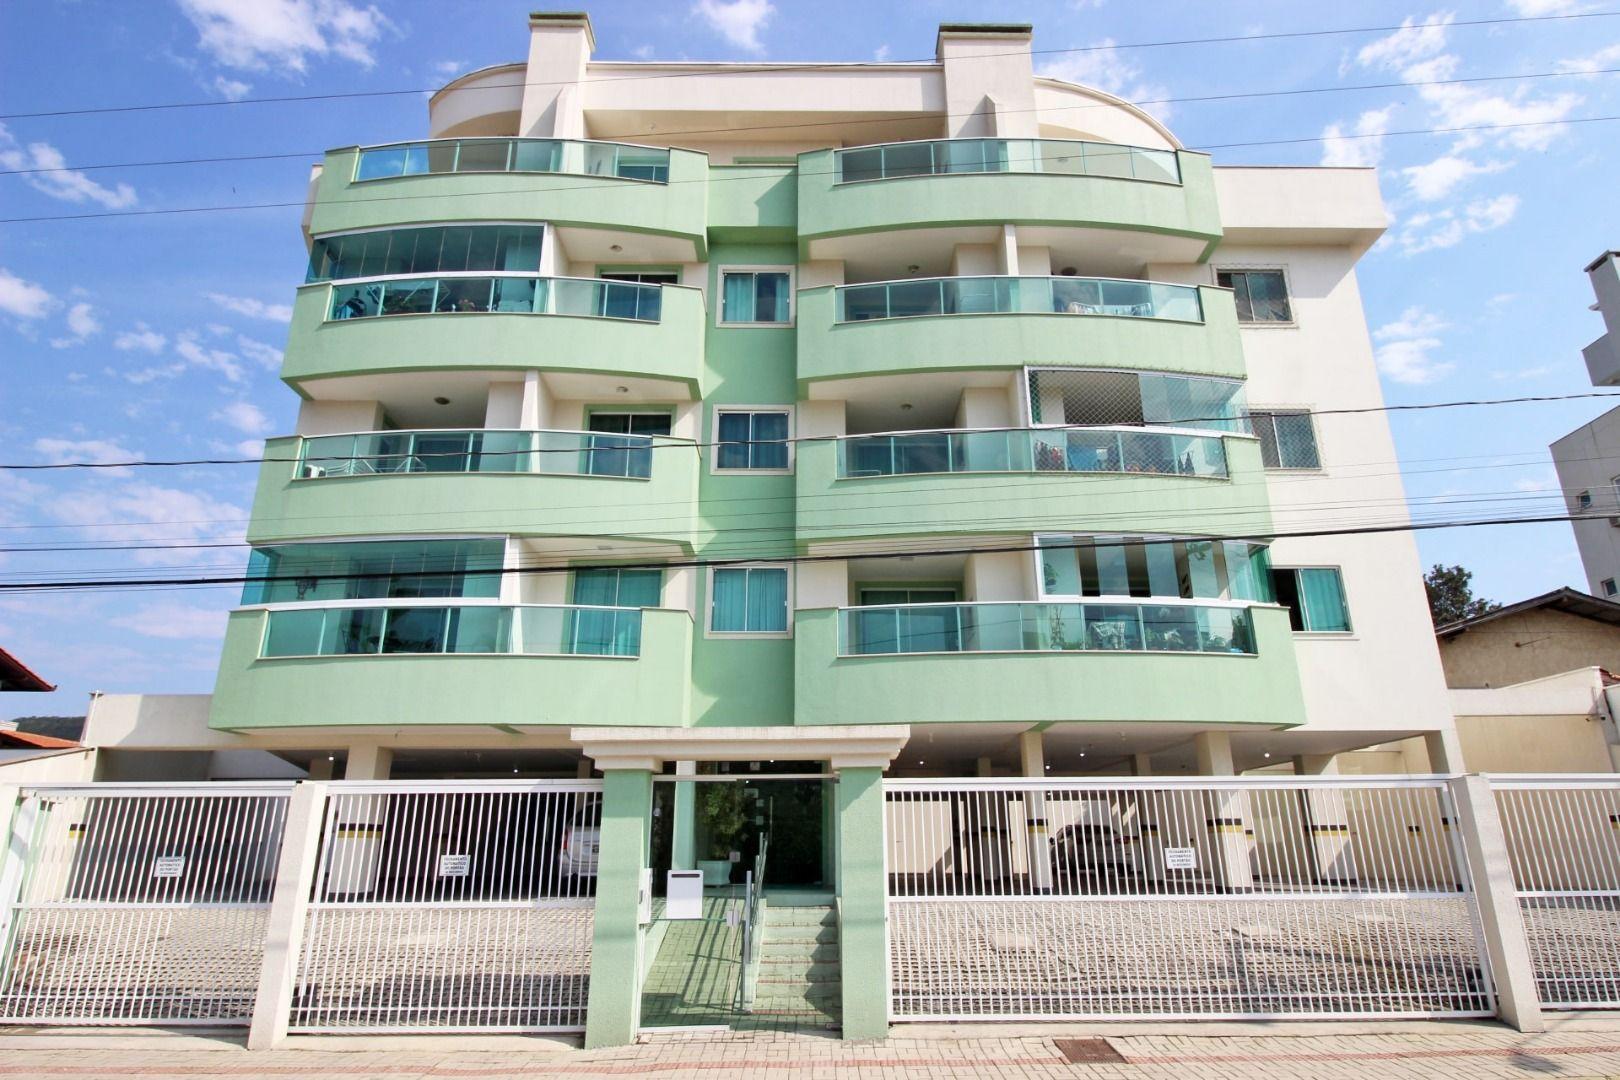 Cobertura com 2 Dormitórios à venda, 202 m² por R$ 989.000,00